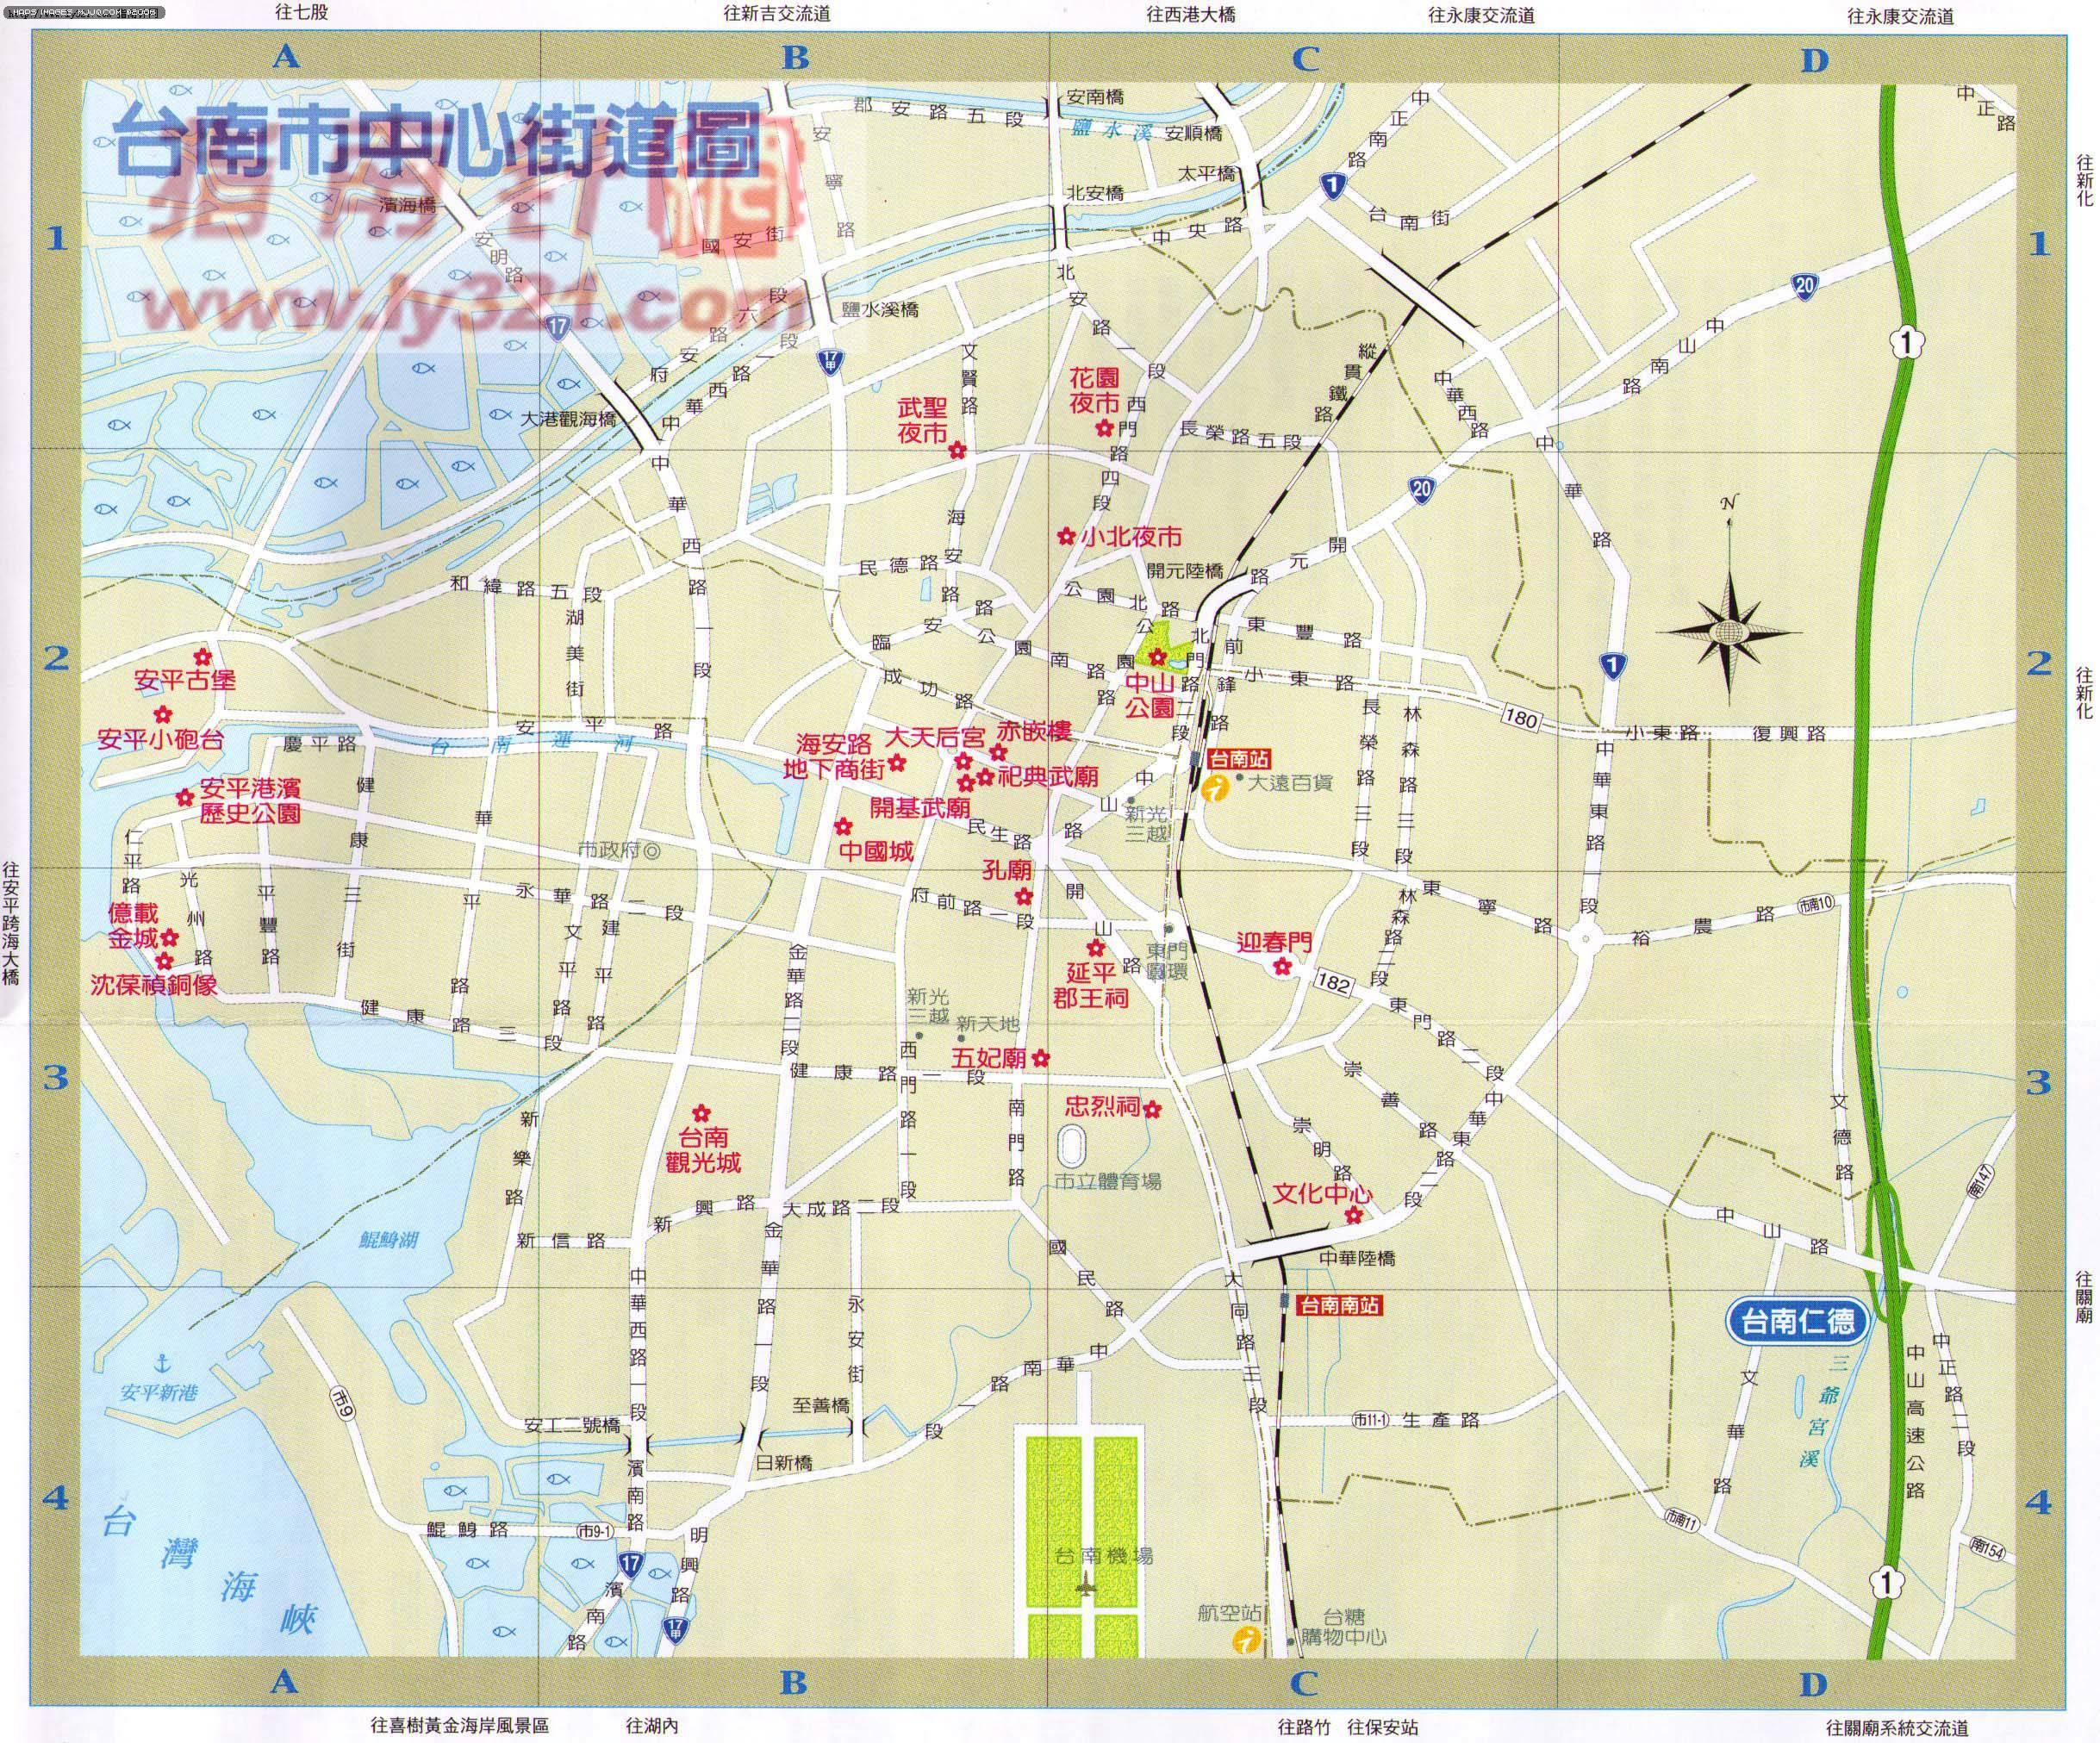 臺南地圖查詢 - 臺南地圖查詢  - 快熱資訊 - 走進時代